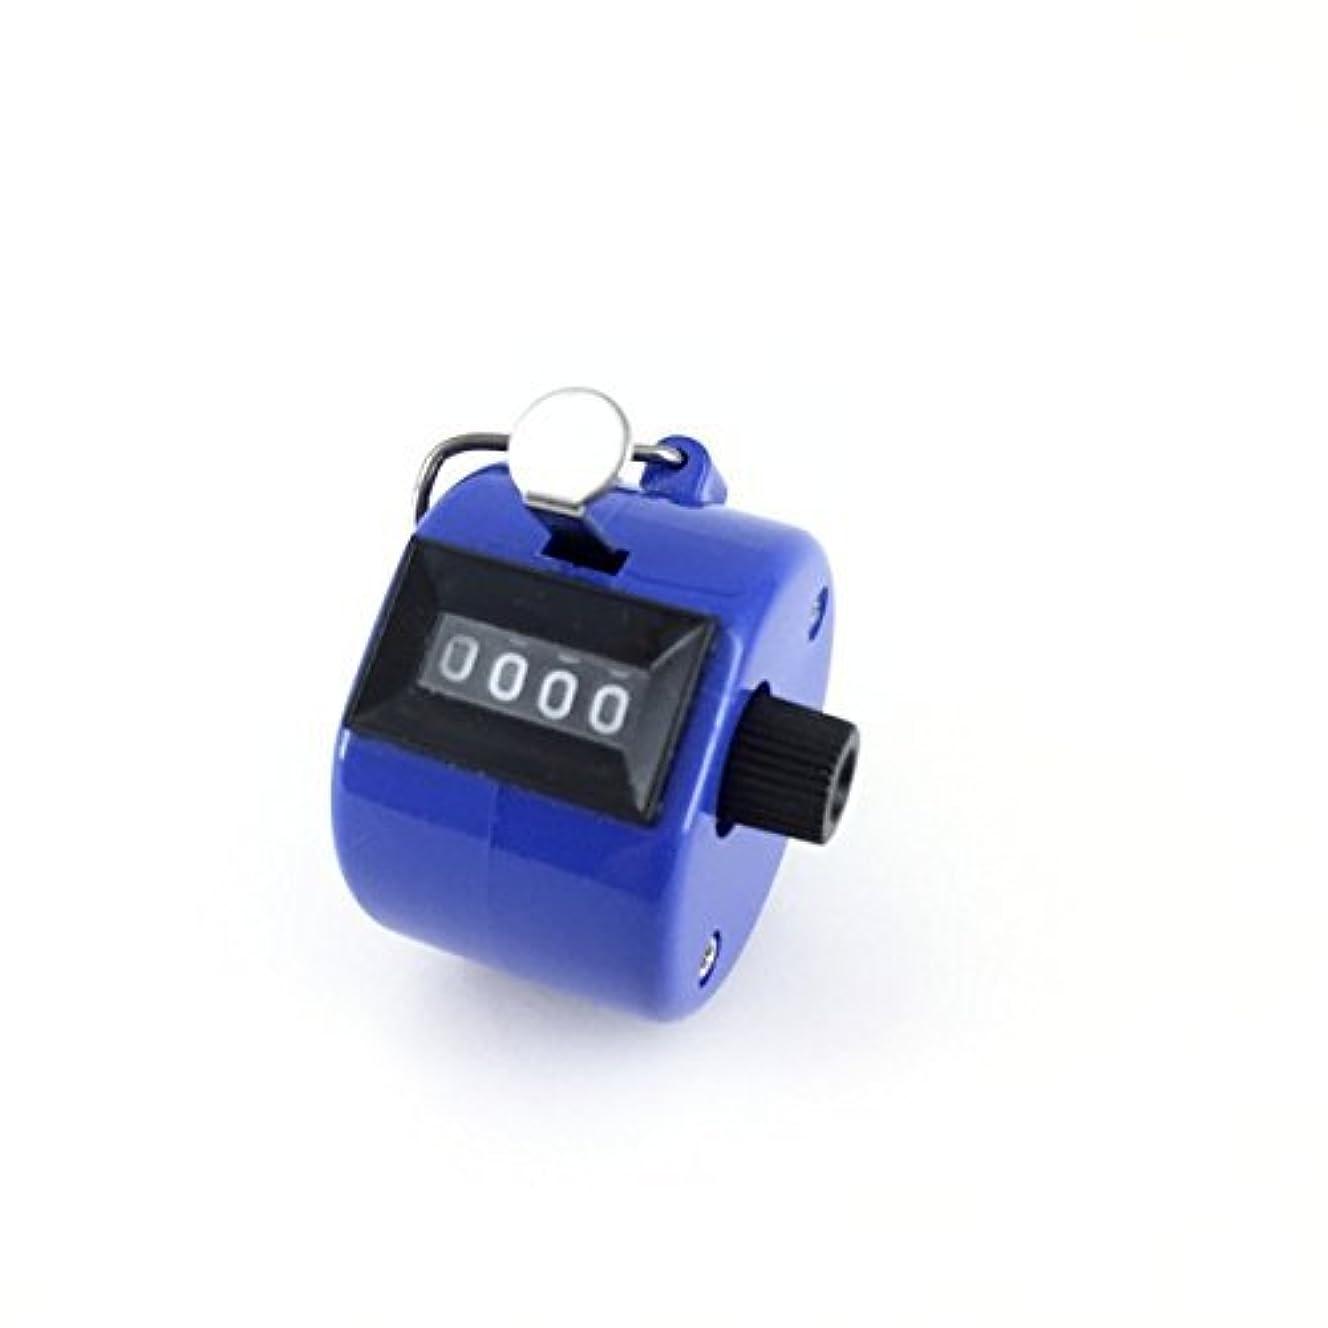 論理的に観察する無傷エクステカウンター 手持ちホルダー付き 数取器 まつげエクステ用品 カラー4色 (ブルー)